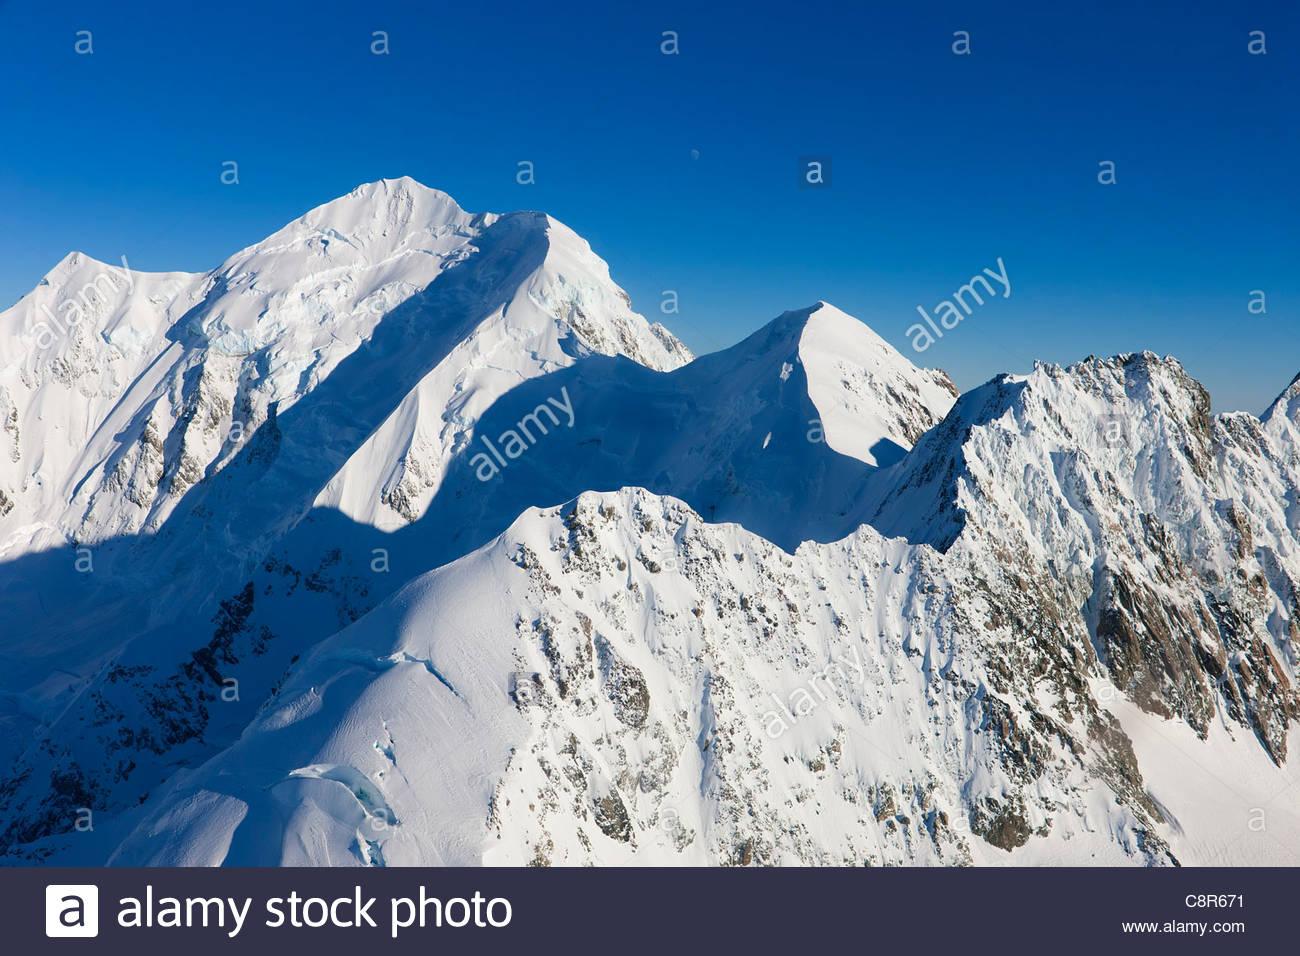 Drei Viertel Mond ist über Mount Tasman, ein 11476 Fuß (3498 m) Berg Neuseelands Südalpen sichtbar. Stockbild